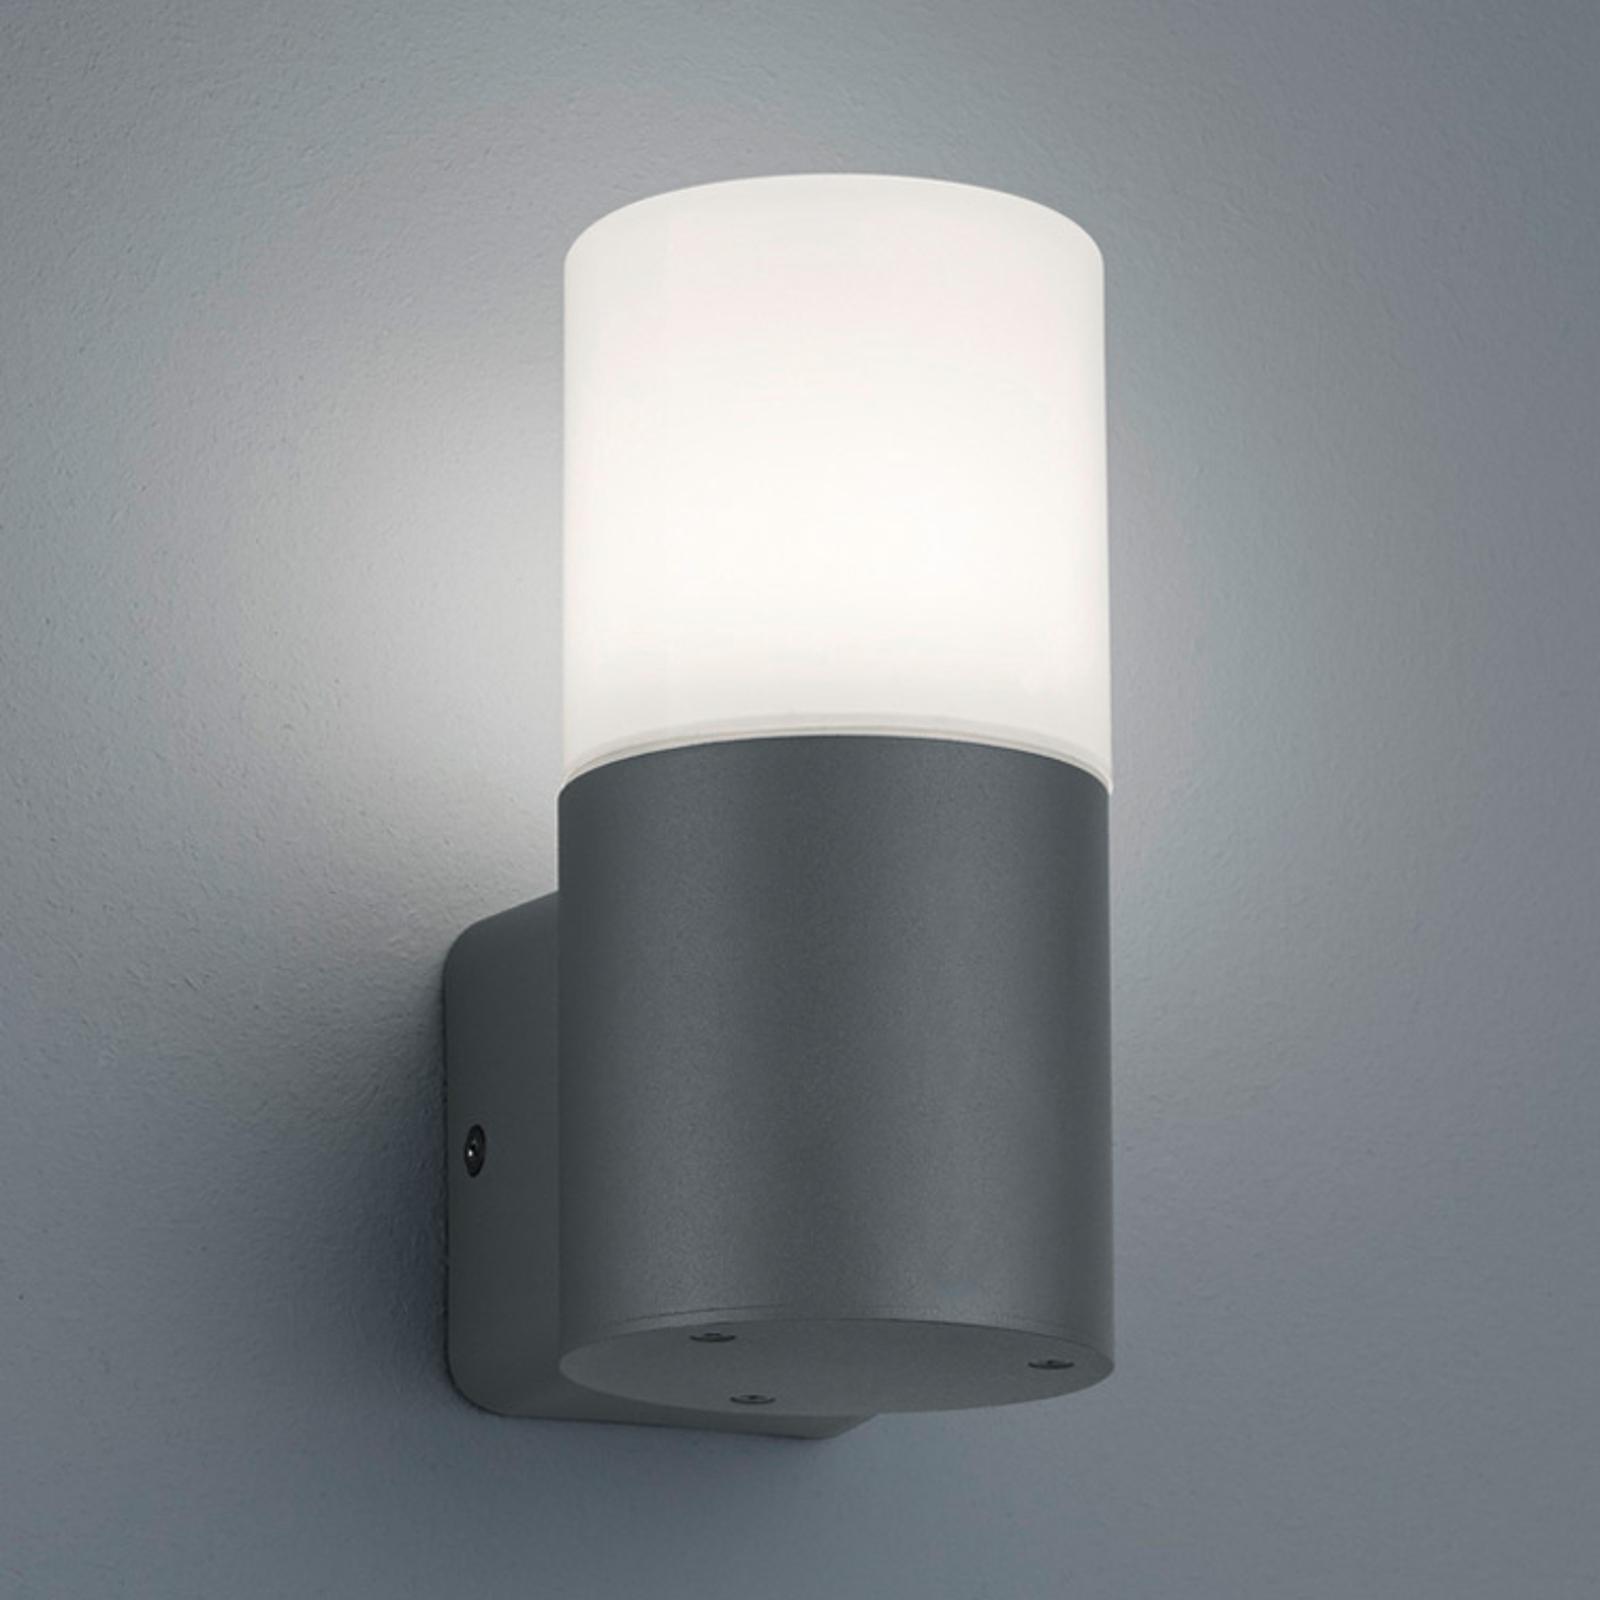 Hoosic udendørs væglampe, 1 lyskilde, antracit